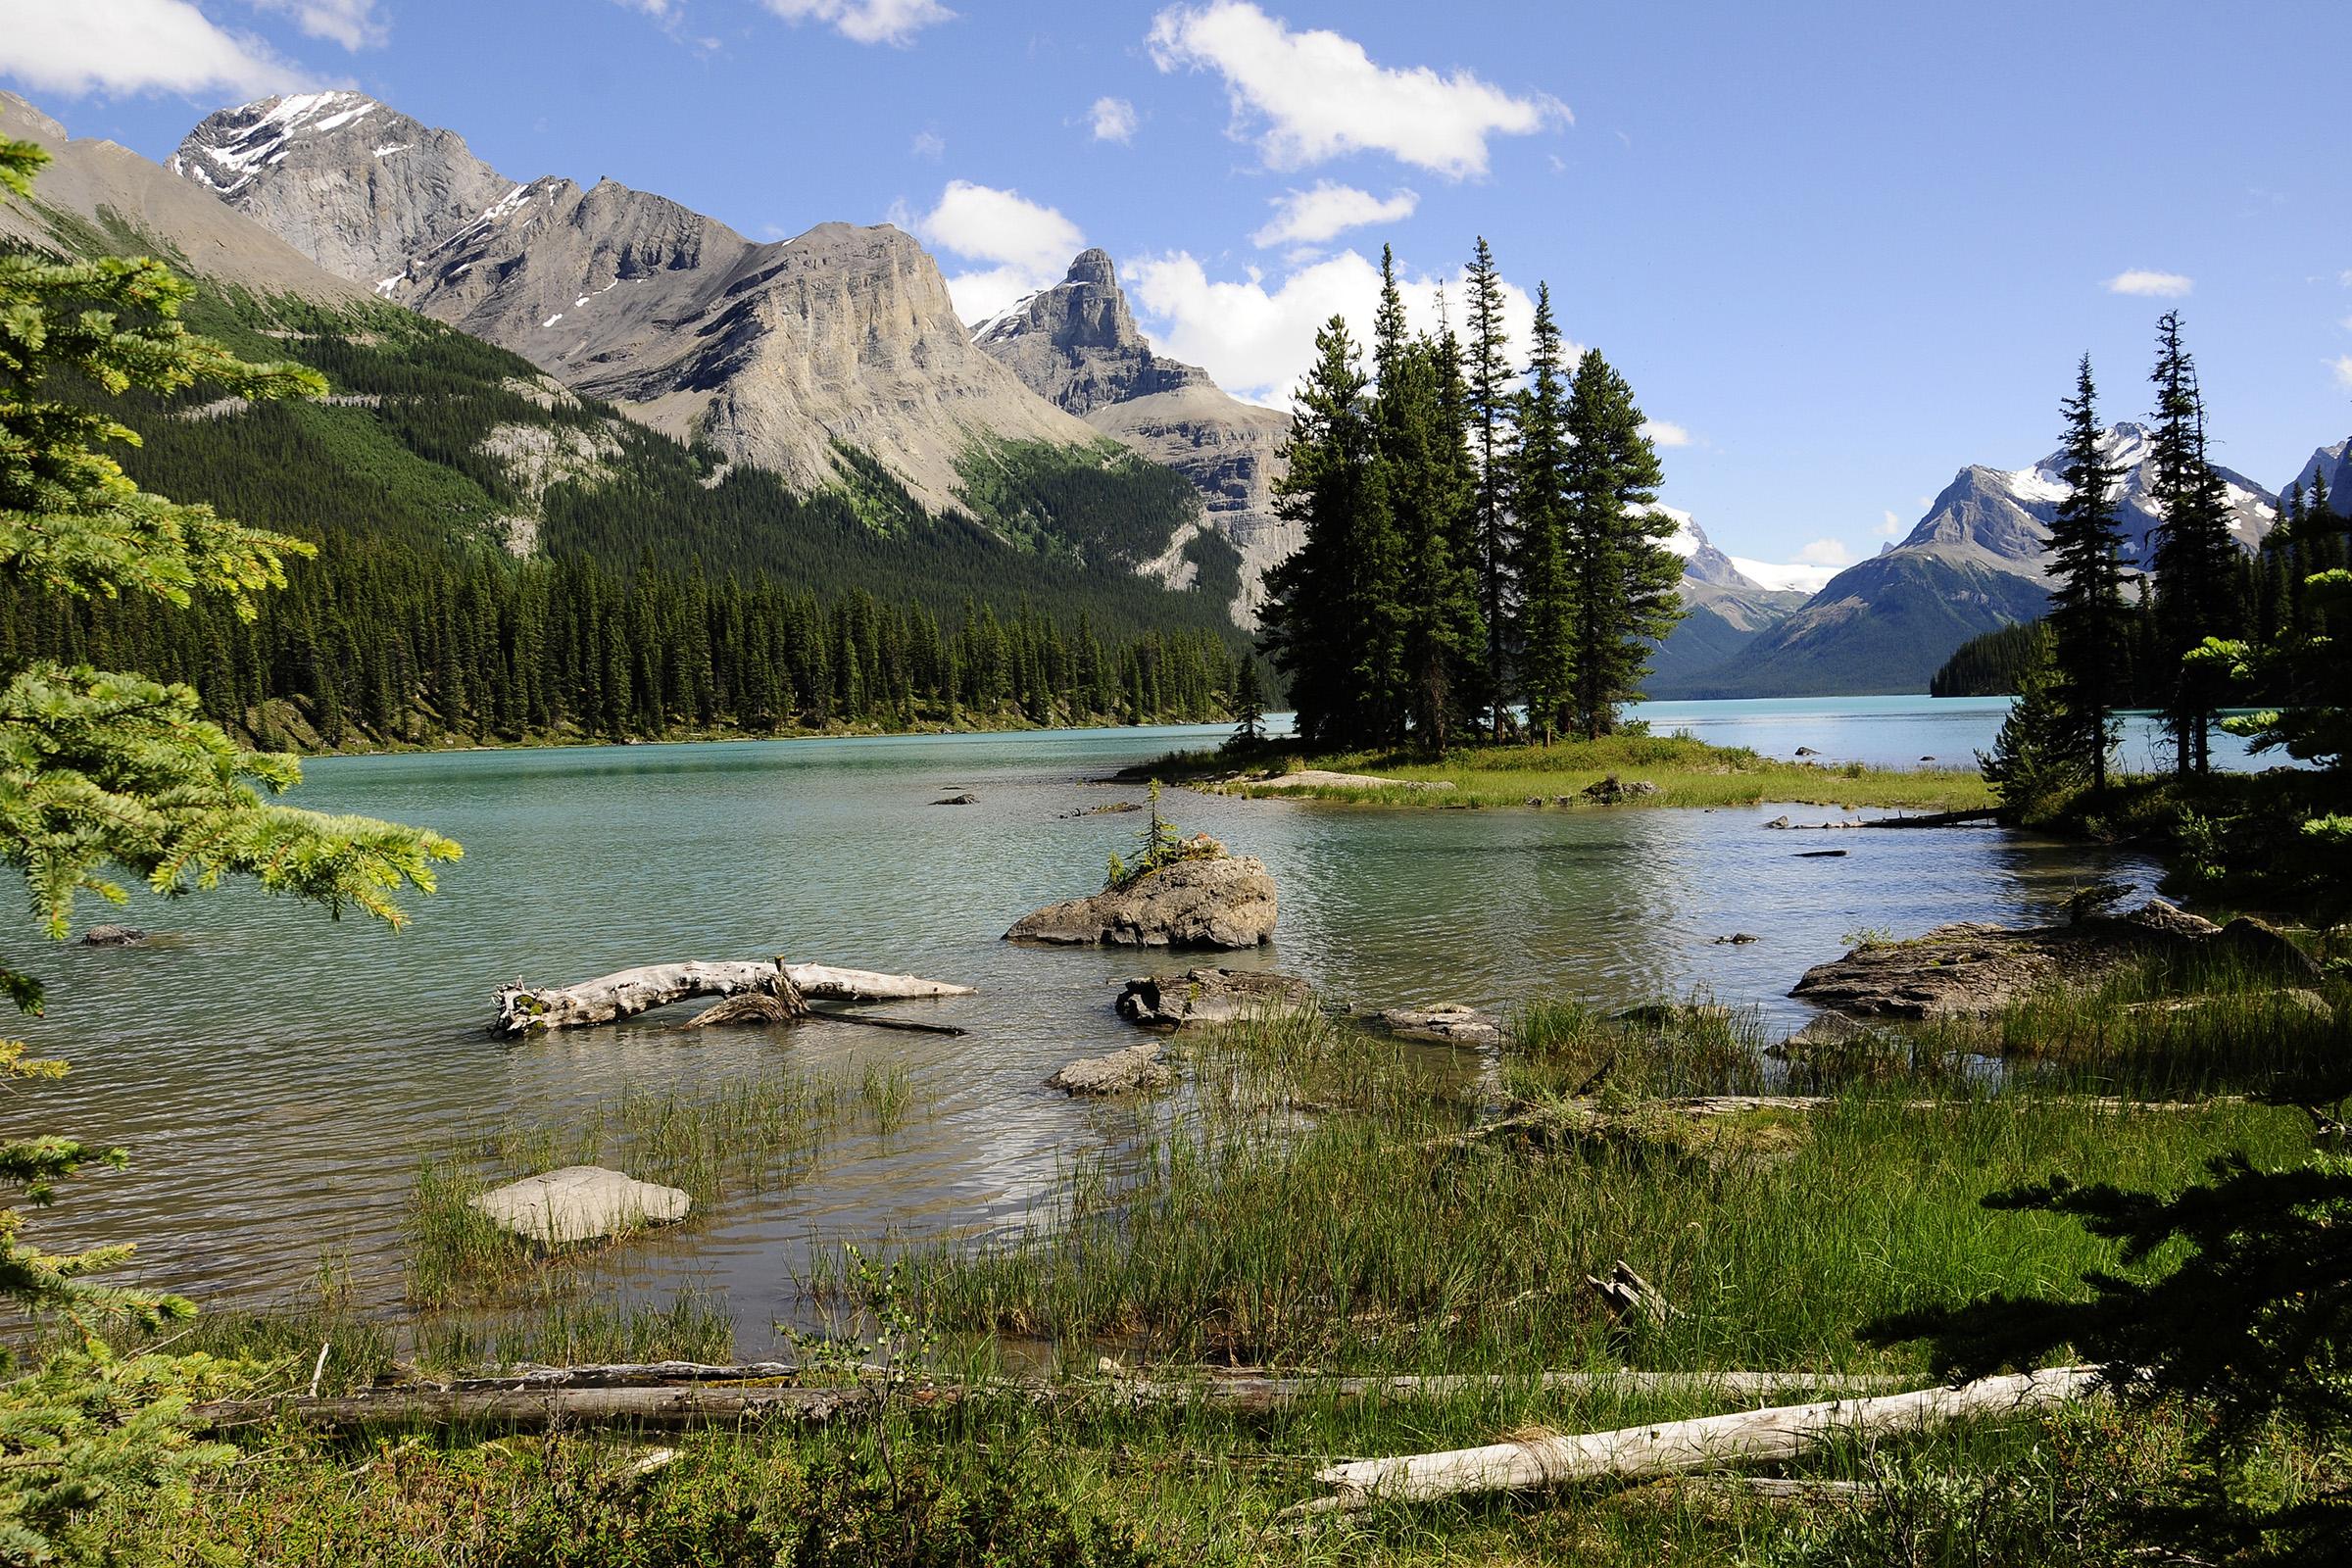 Kanada 2011 (Jasper és környéke)